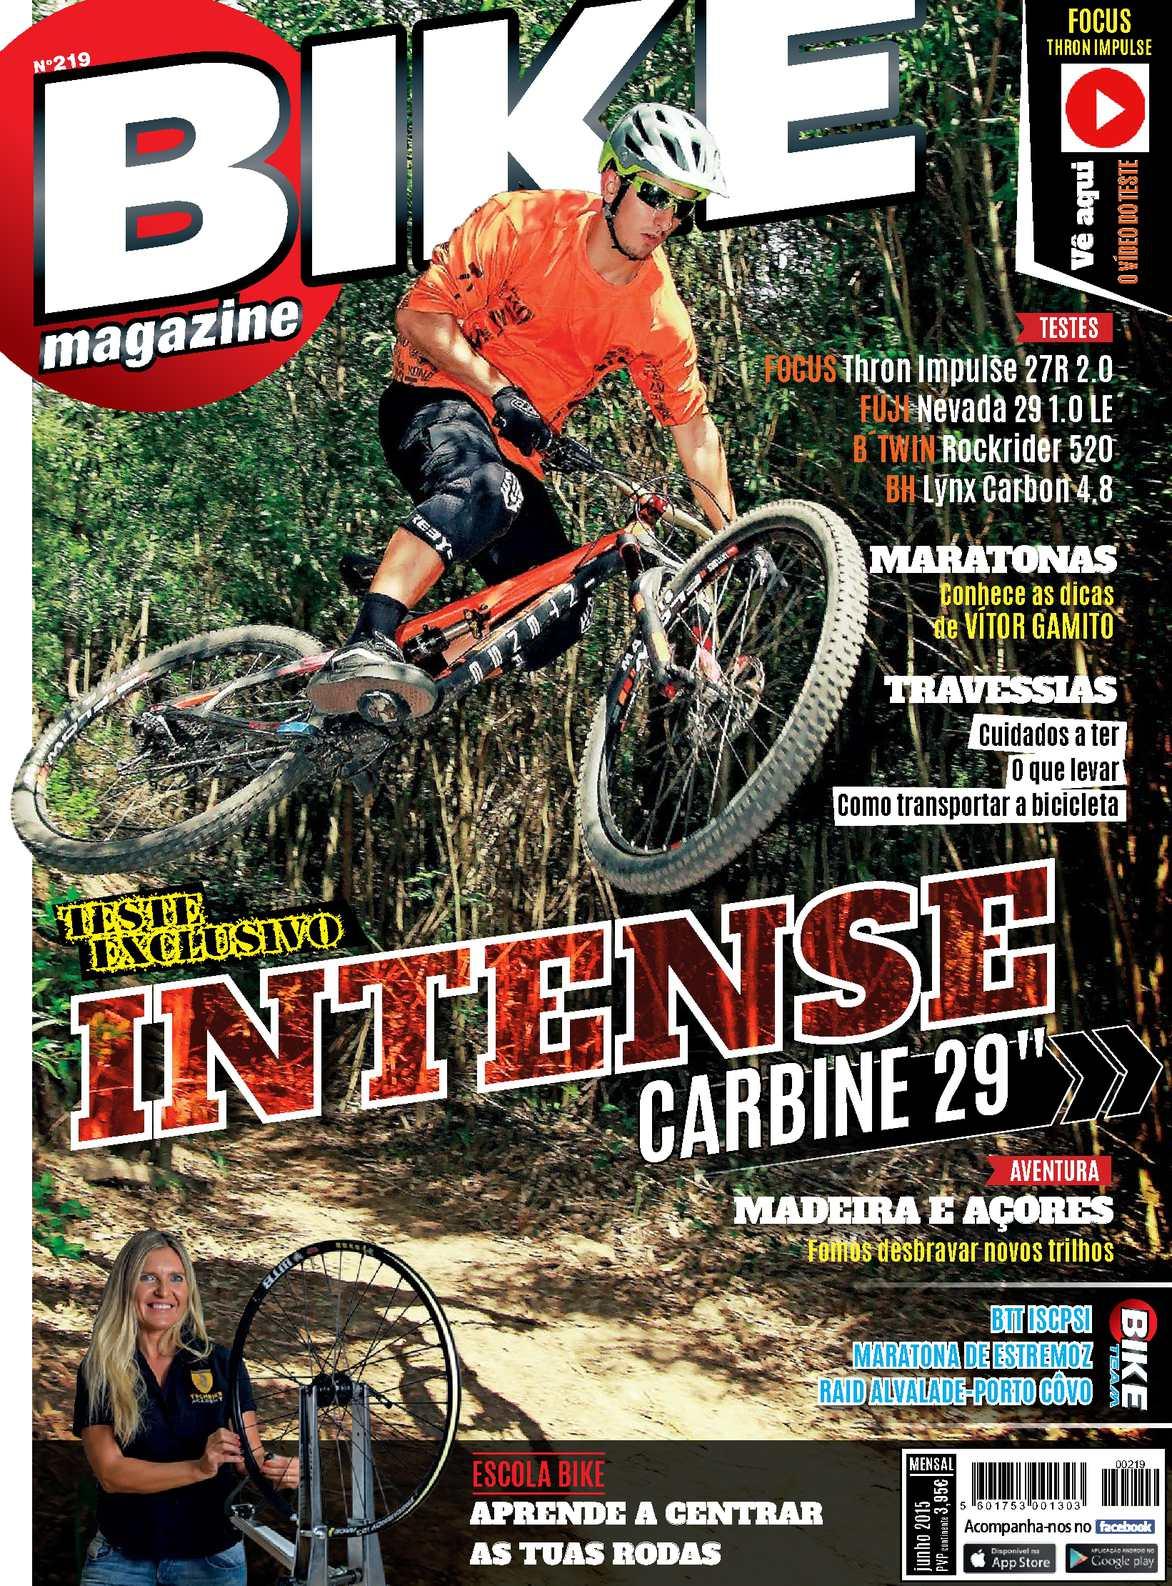 86571d9ab Calaméo - Revista Bike Magazine Portugal Ed 219 Junho 2015